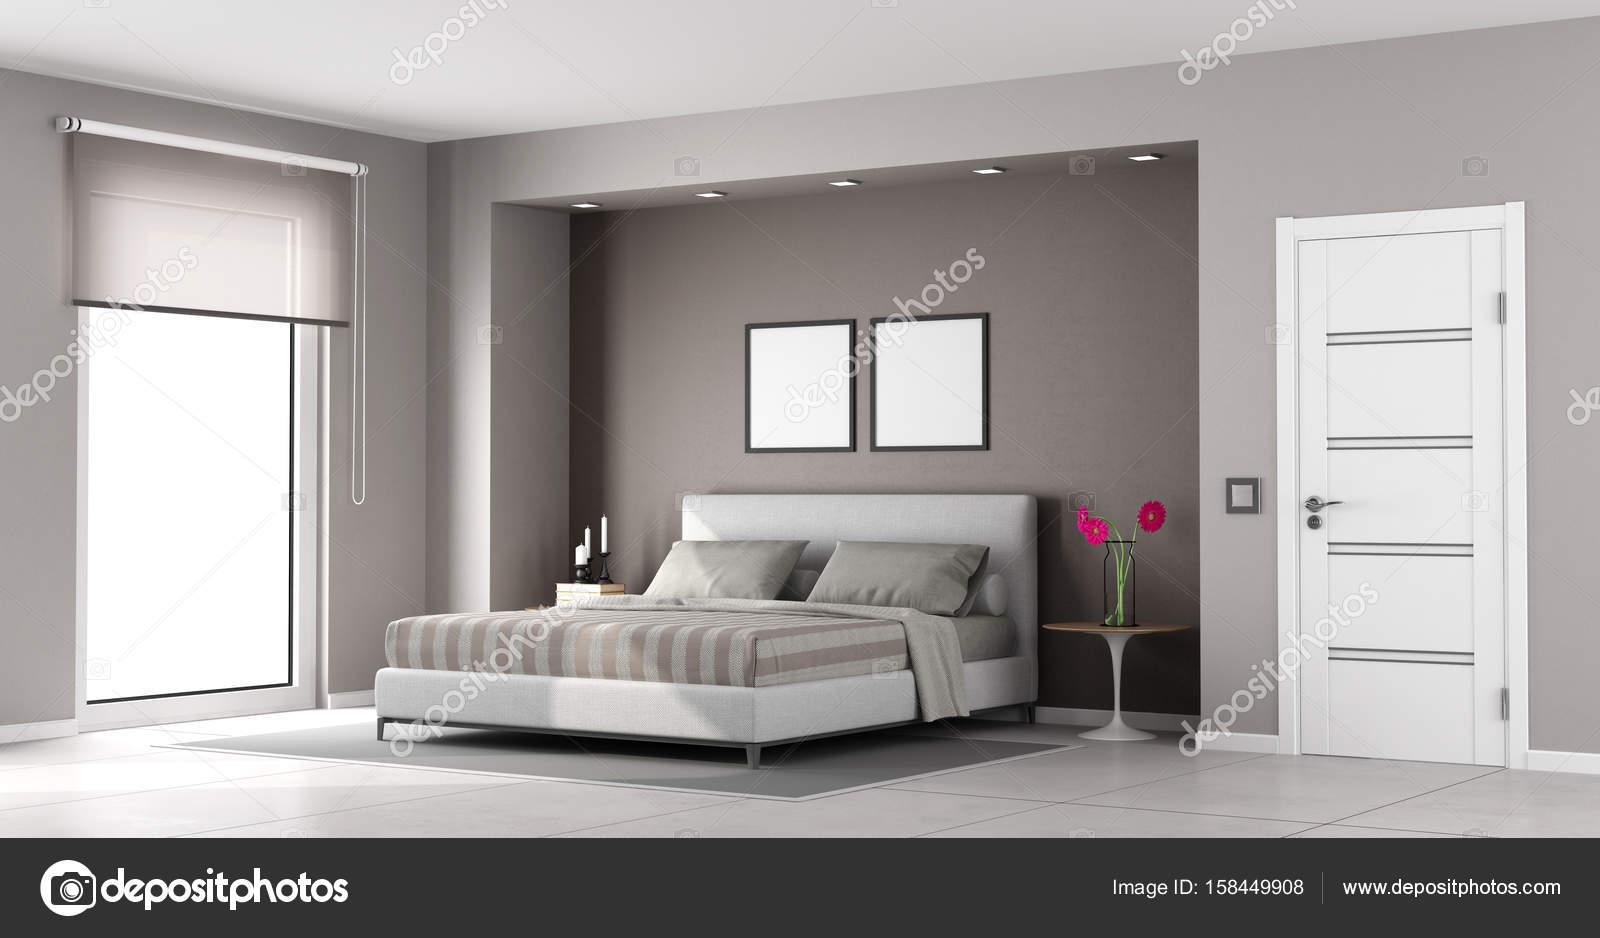 Minimalist master bedroom — Stock Photo © archideaphoto #158449908